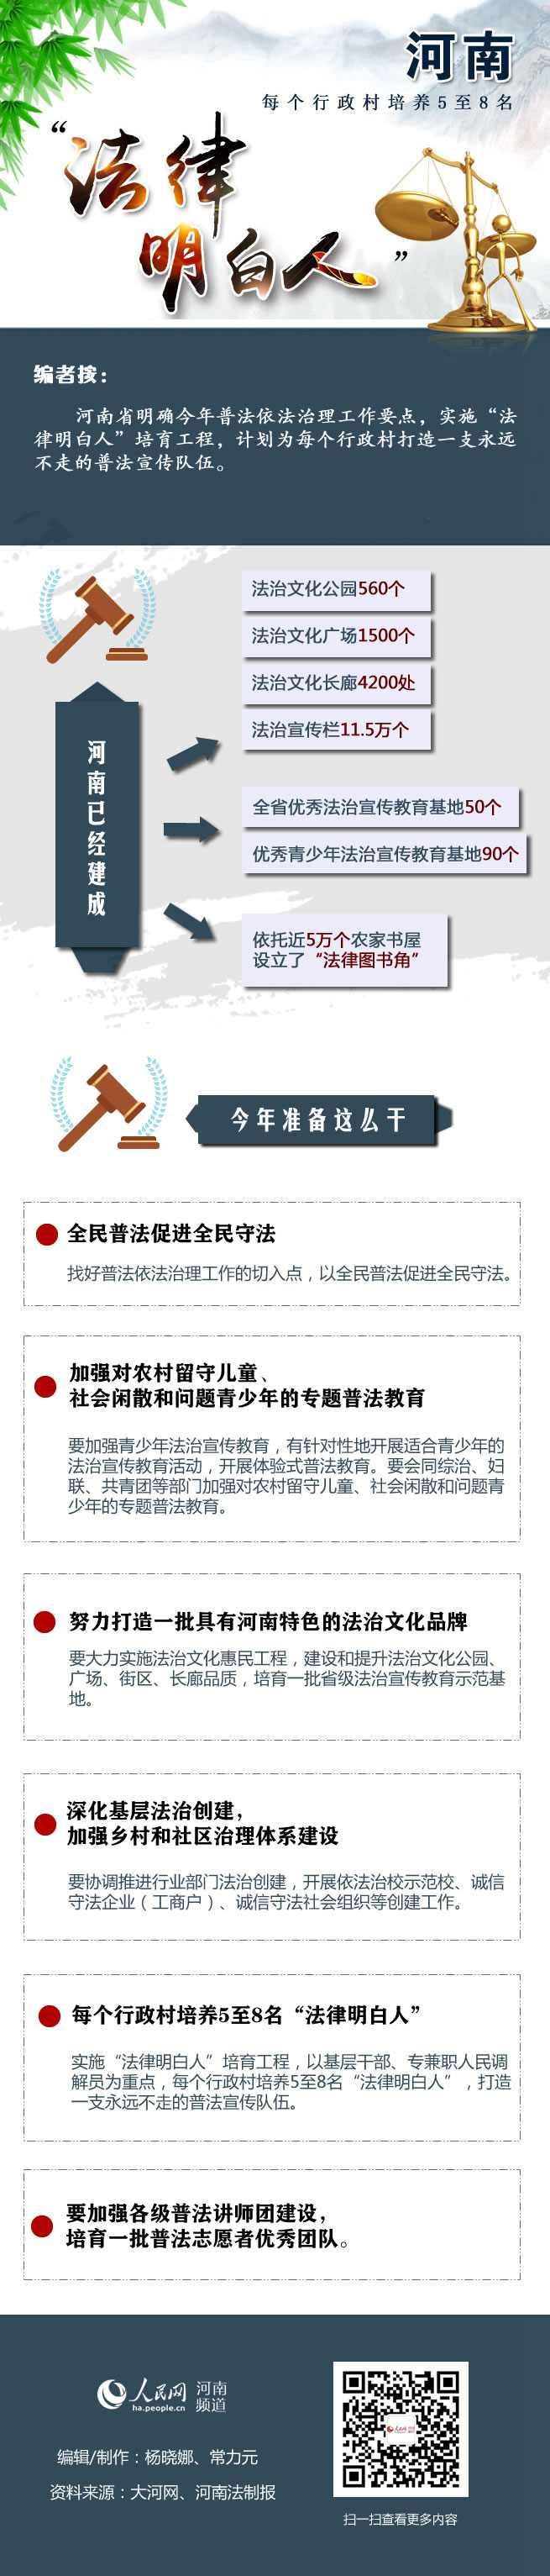 """河南:每个行政村培养5至8名""""法律明白人"""""""